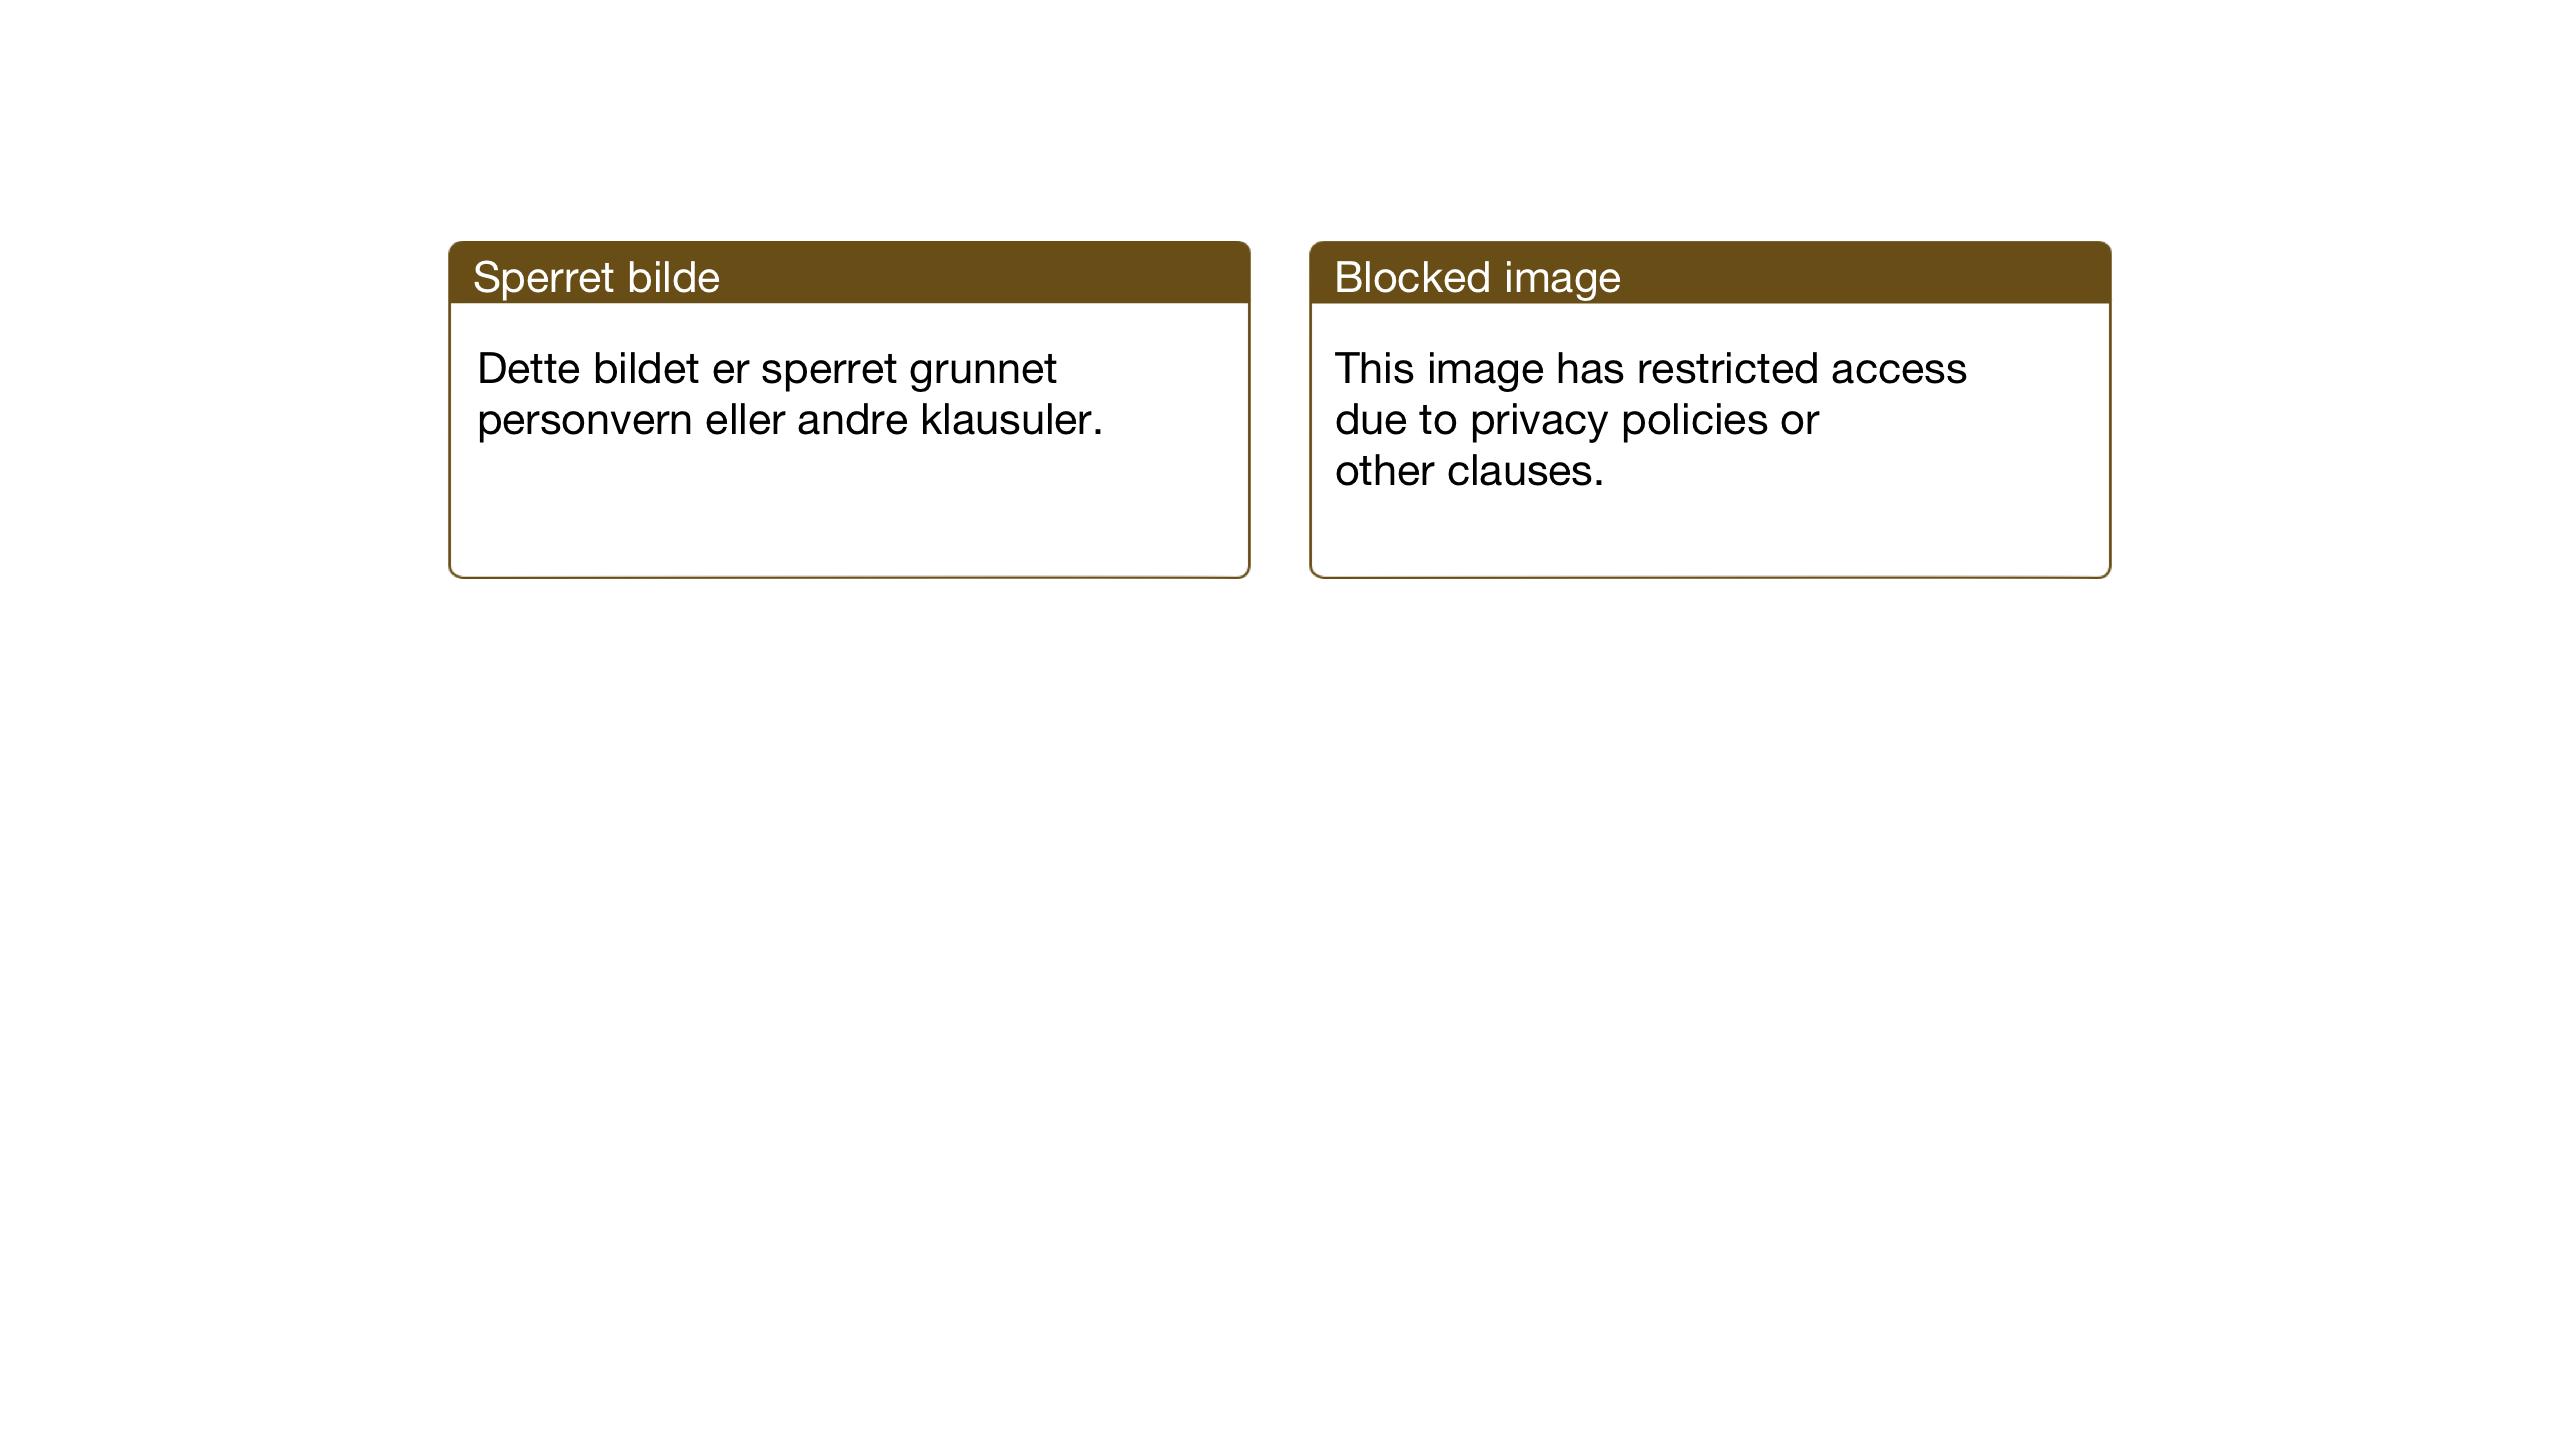 RA, Justisdepartementet, Sivilavdelingen (RA/S-6490), 1995, s. 1